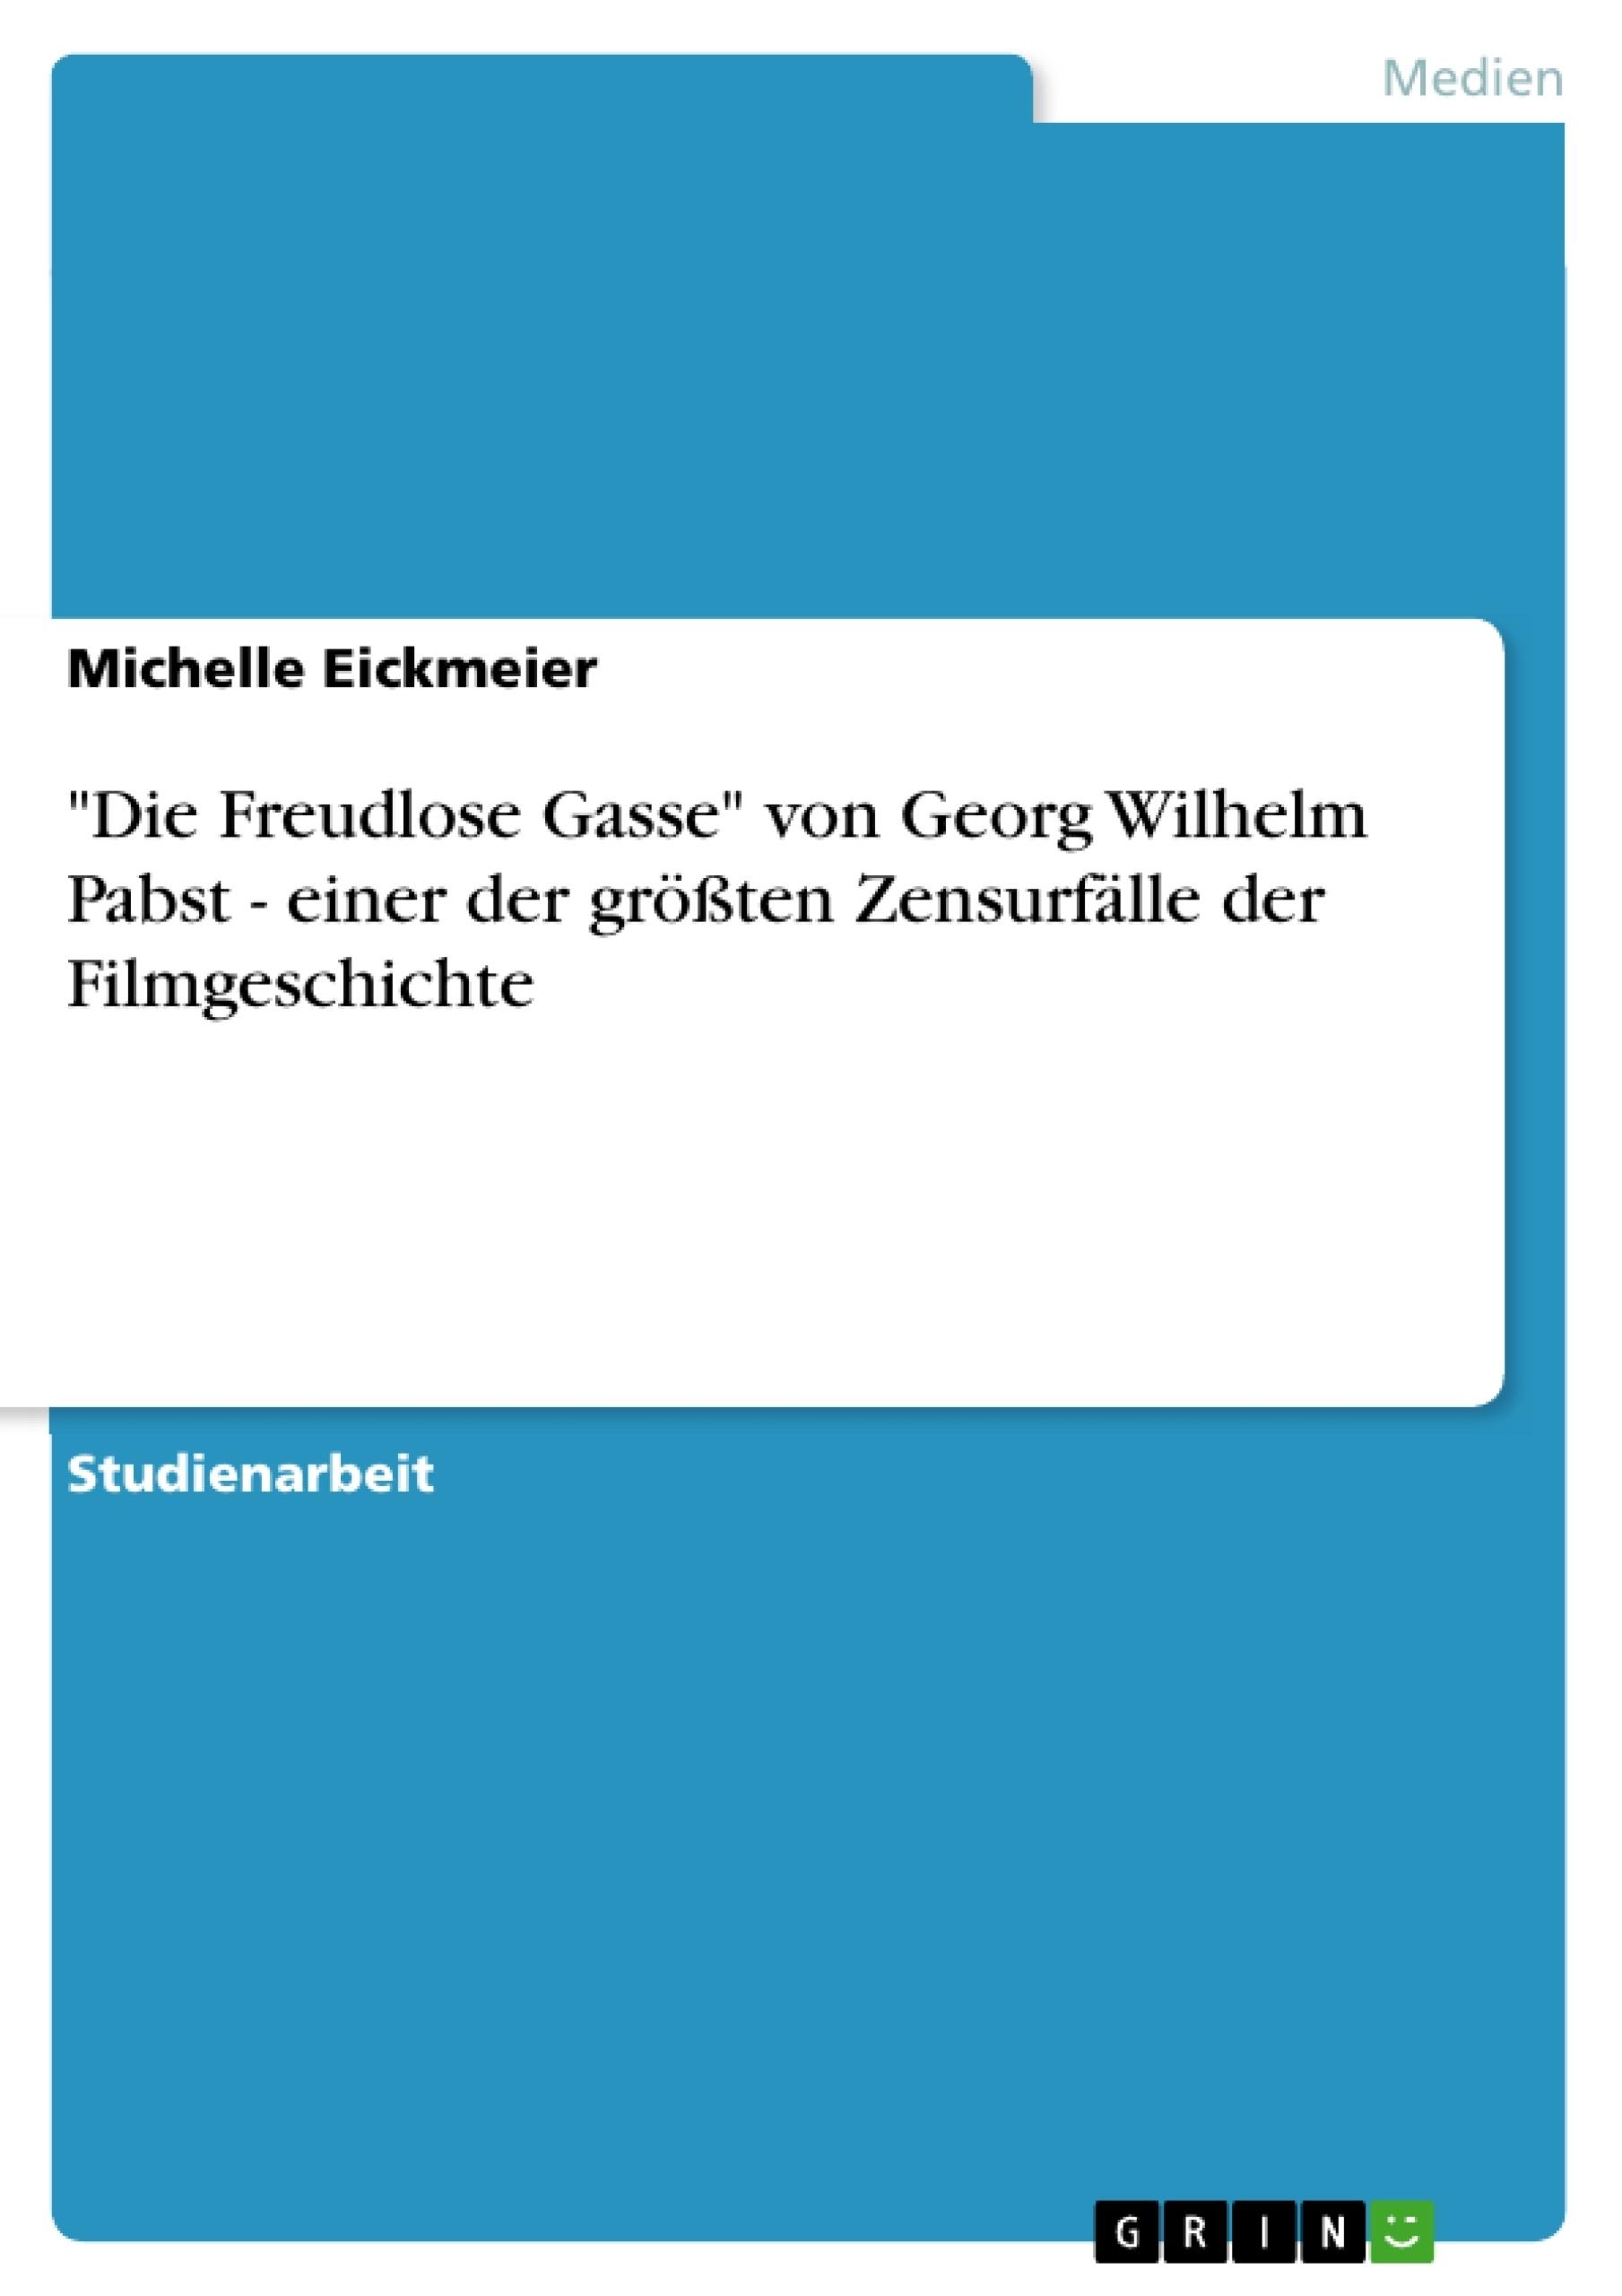 """Titel: """"Die Freudlose Gasse"""" von Georg Wilhelm Pabst - einer der größten Zensurfälle der Filmgeschichte"""